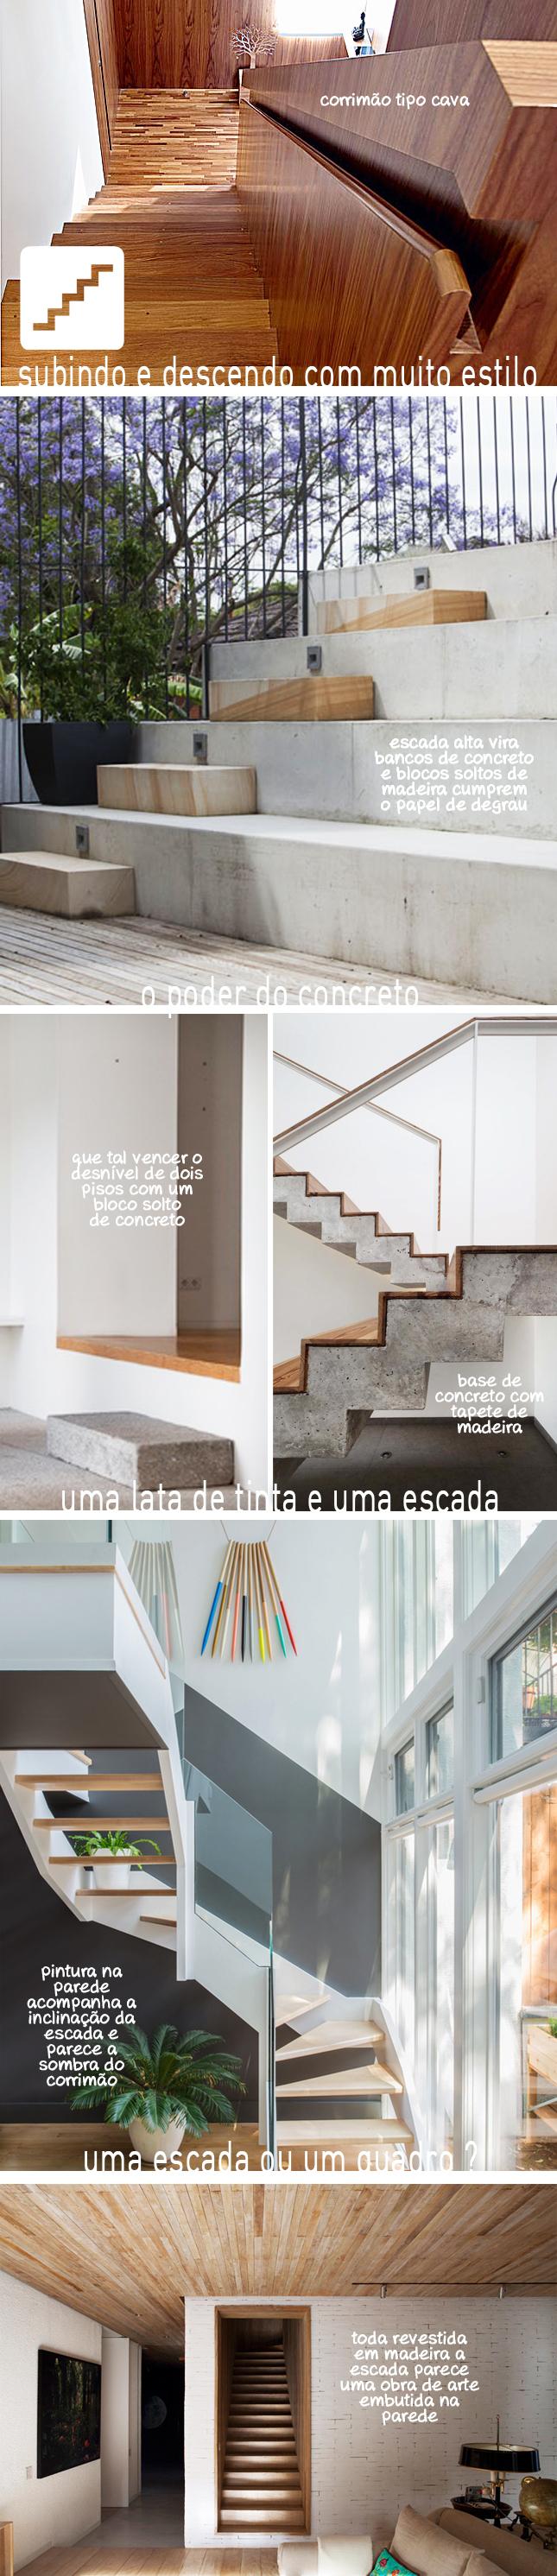 decoradornet_para_subir_de_joelhos